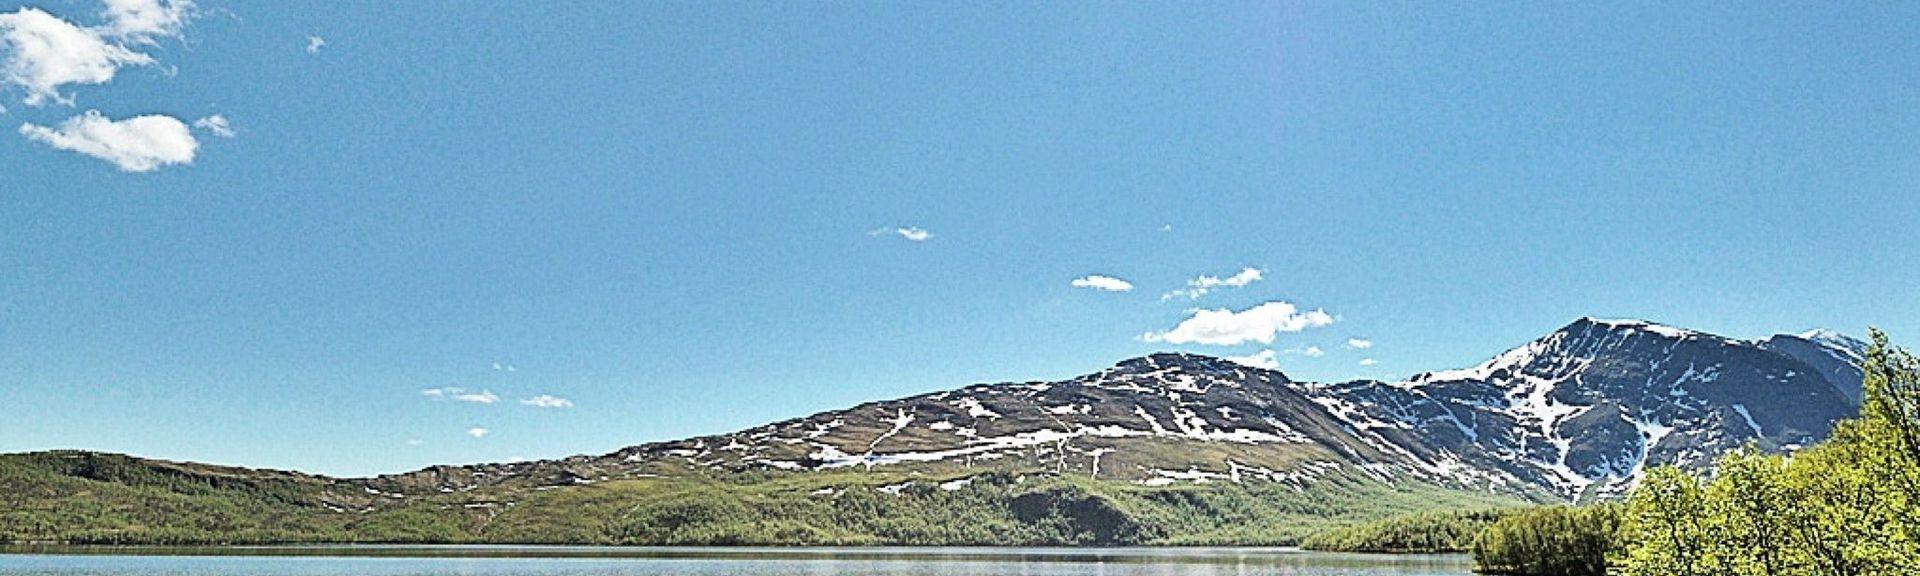 Tromso, Troms og Finnmark, Norway